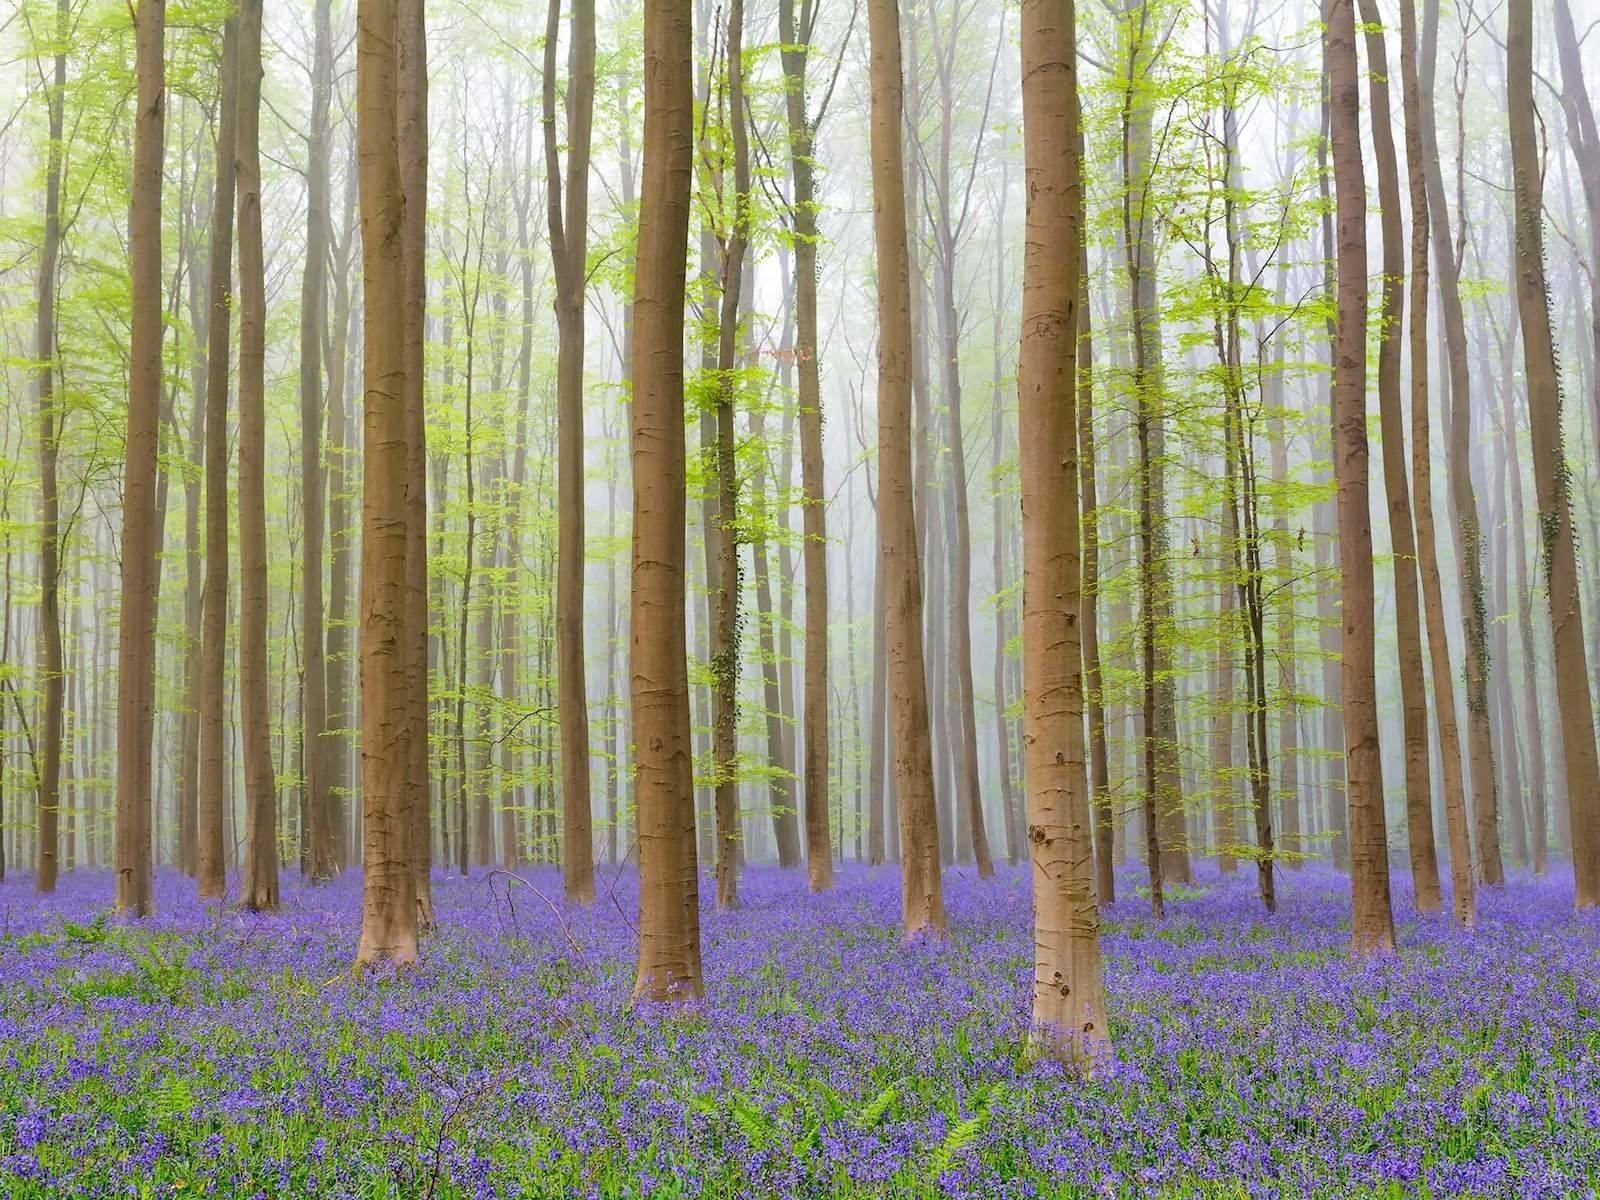 Лес Халлербос, Бельгия красивые места, мир, природа, путешествия, сказка